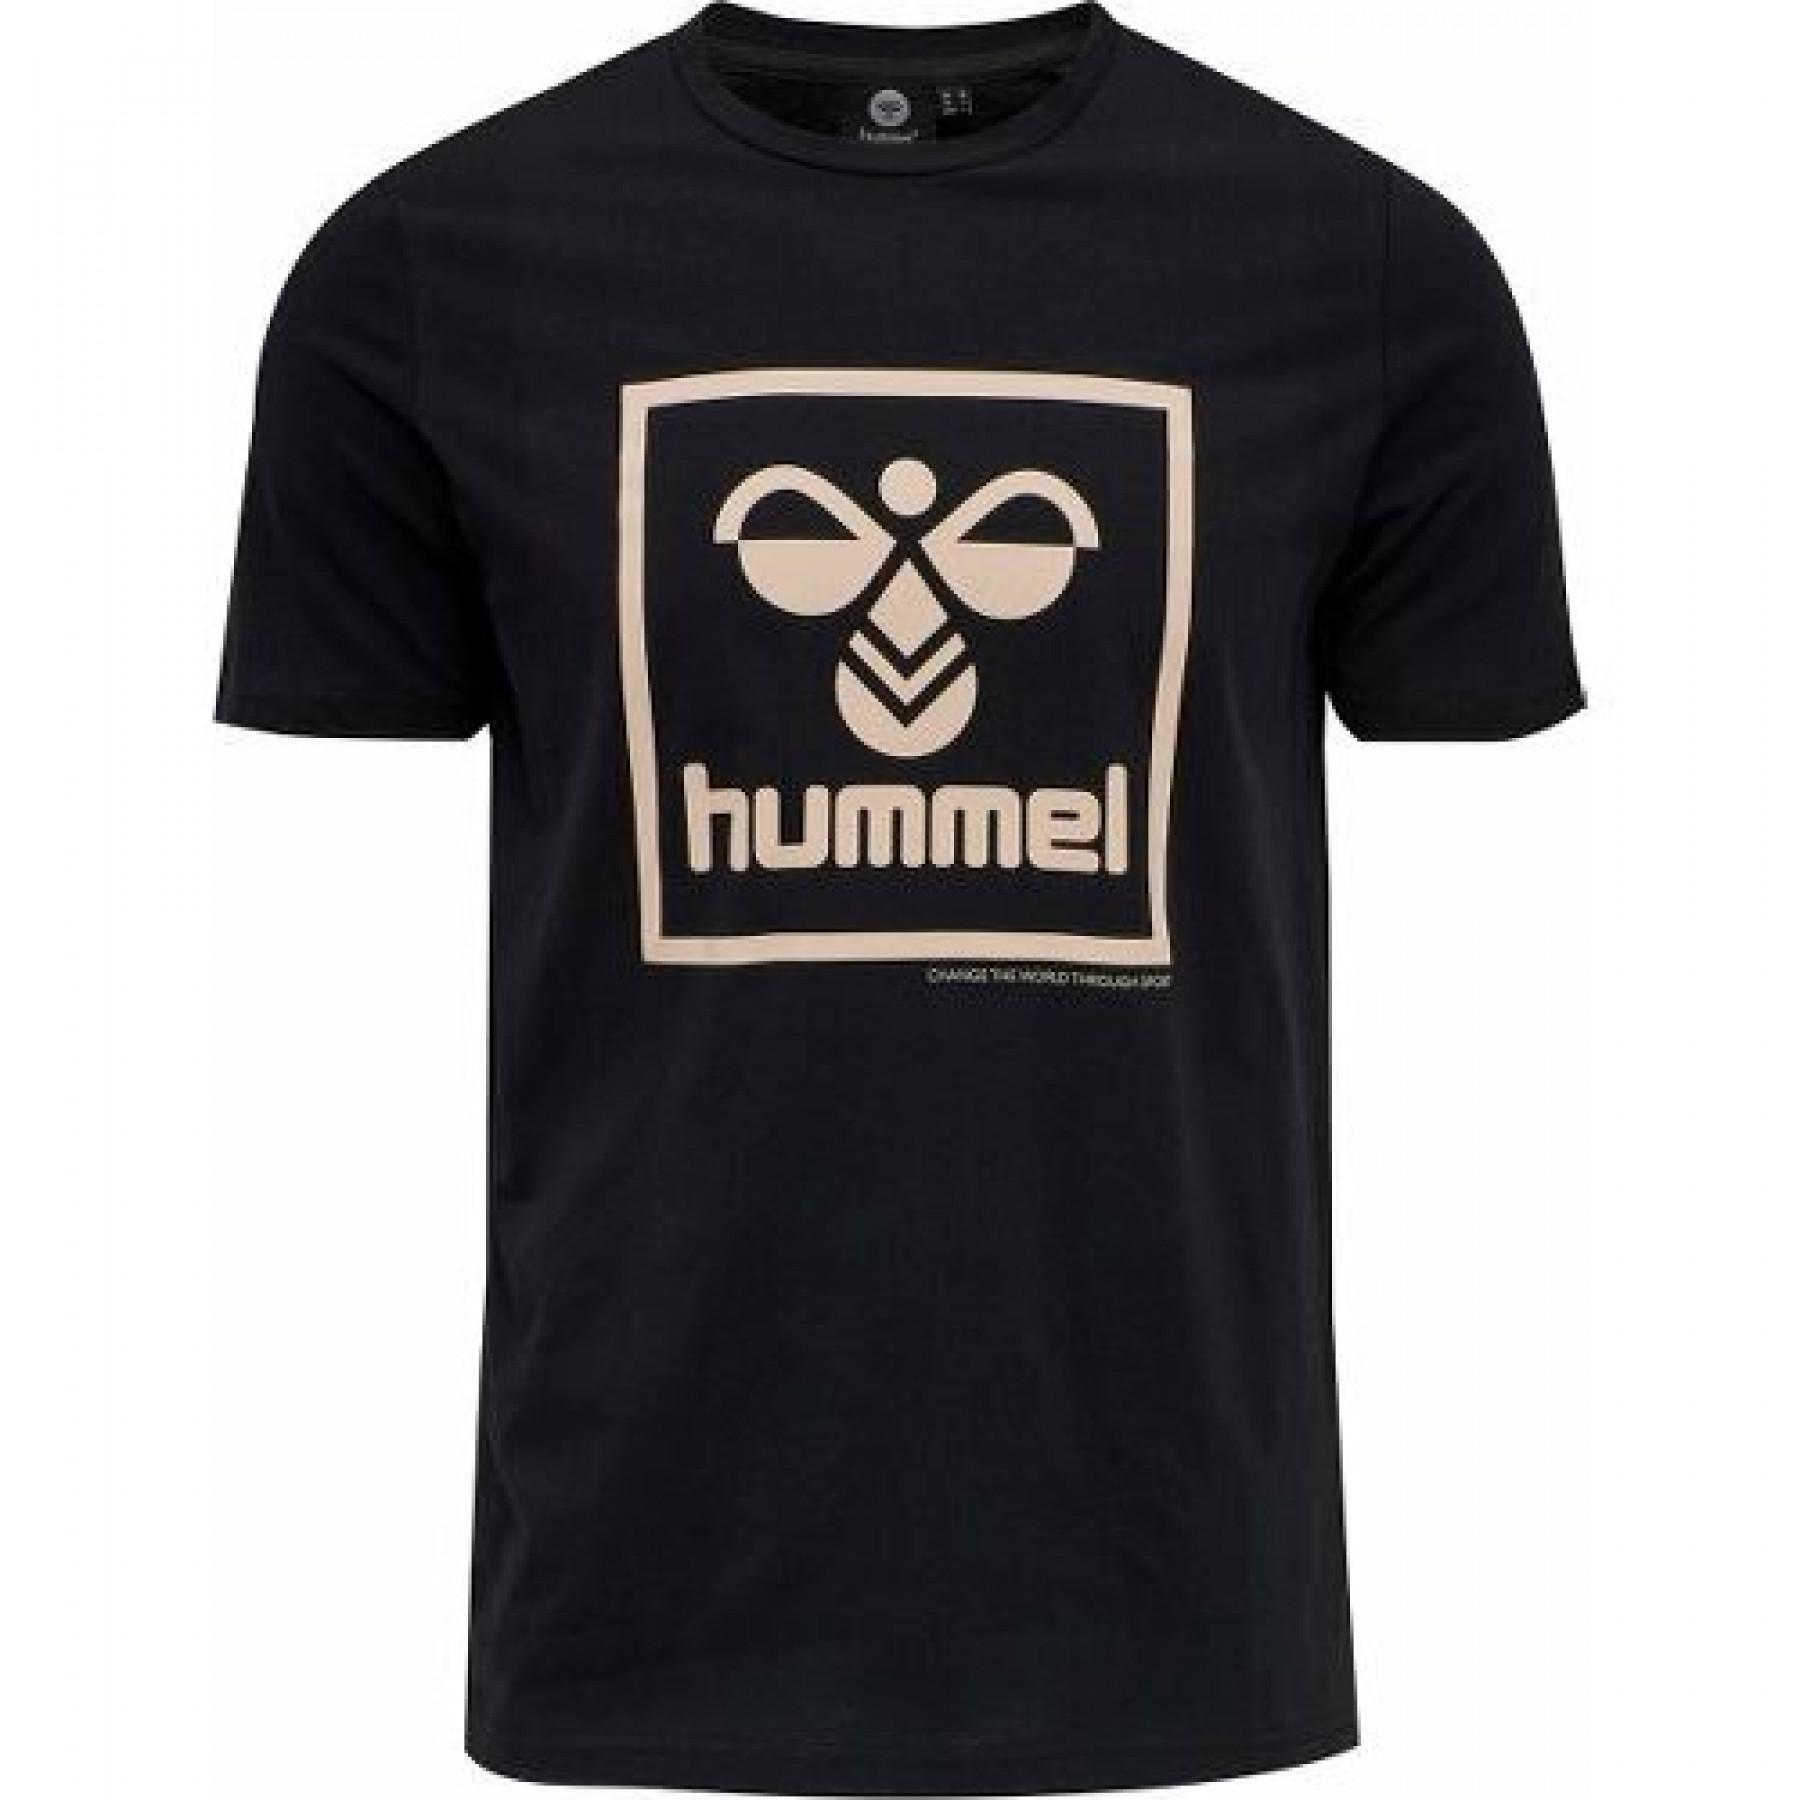 Hummel short-sleeved T-shirt